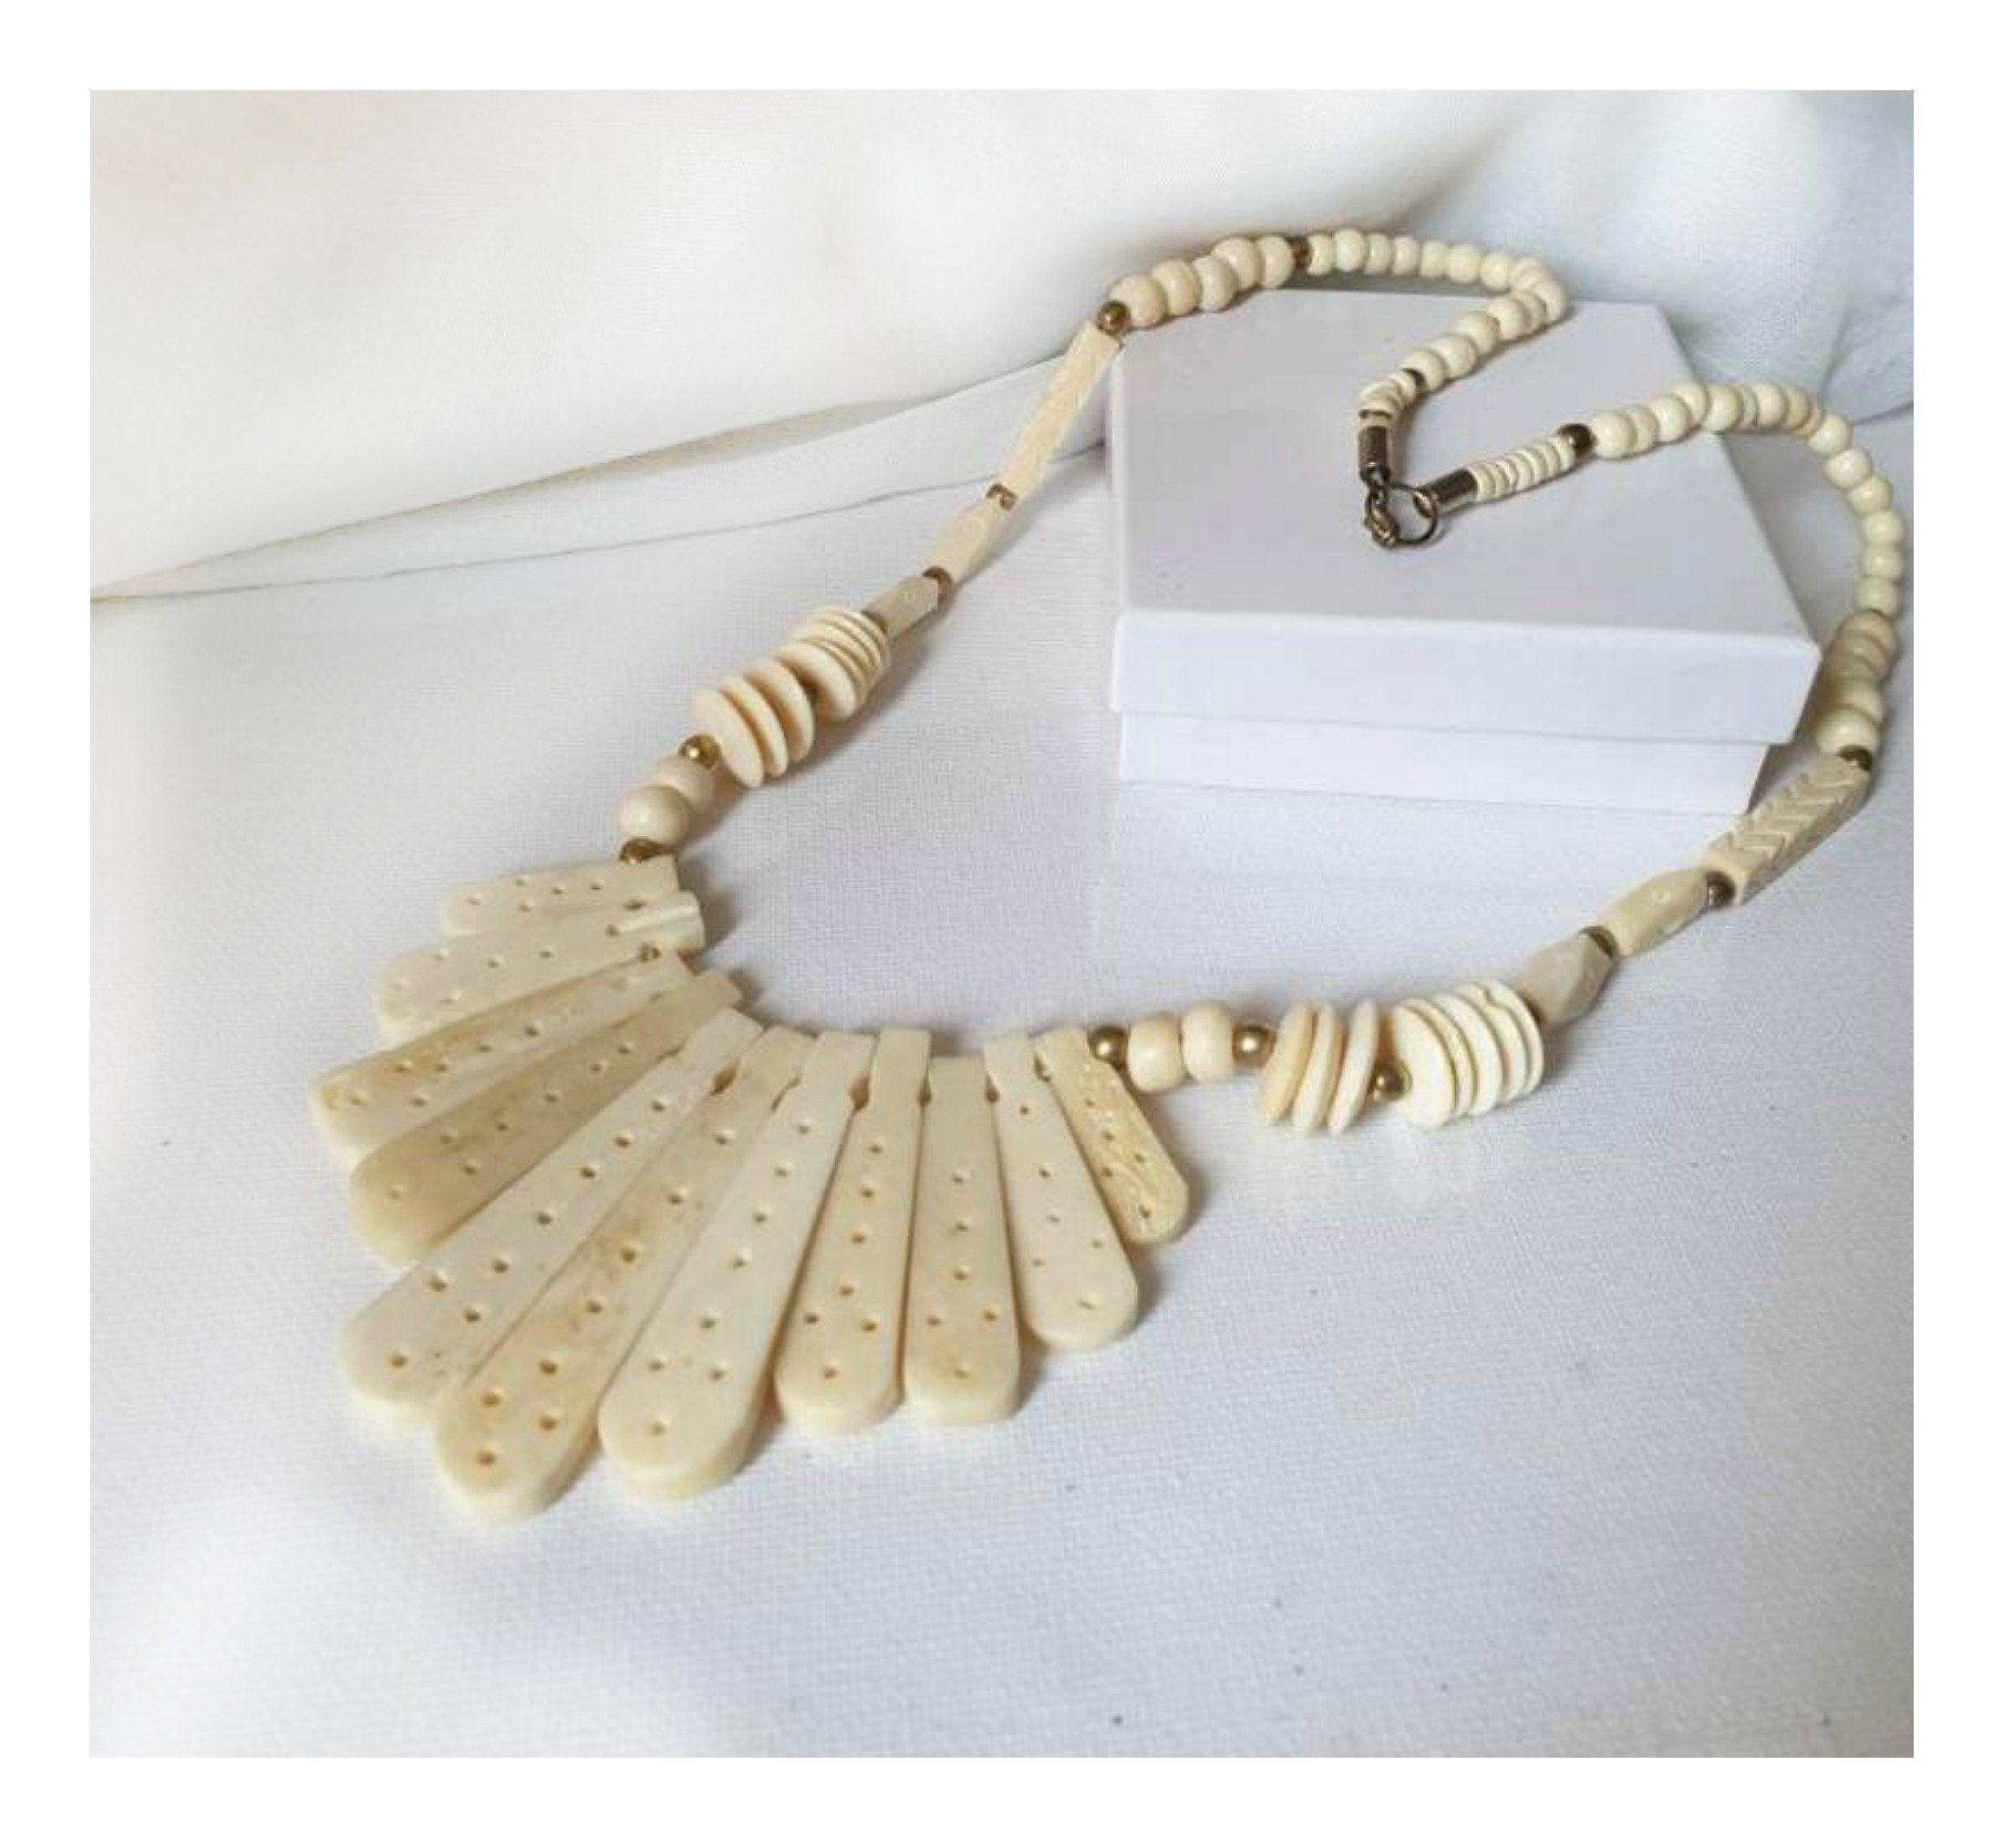 Vintage Carved Bovine Necklace Statement Hand Carved Bone Necklace Tribal Carved Necklace Carved Bovine Collar Necklace Black Bead Necklace Bone Necklace Collar Necklace